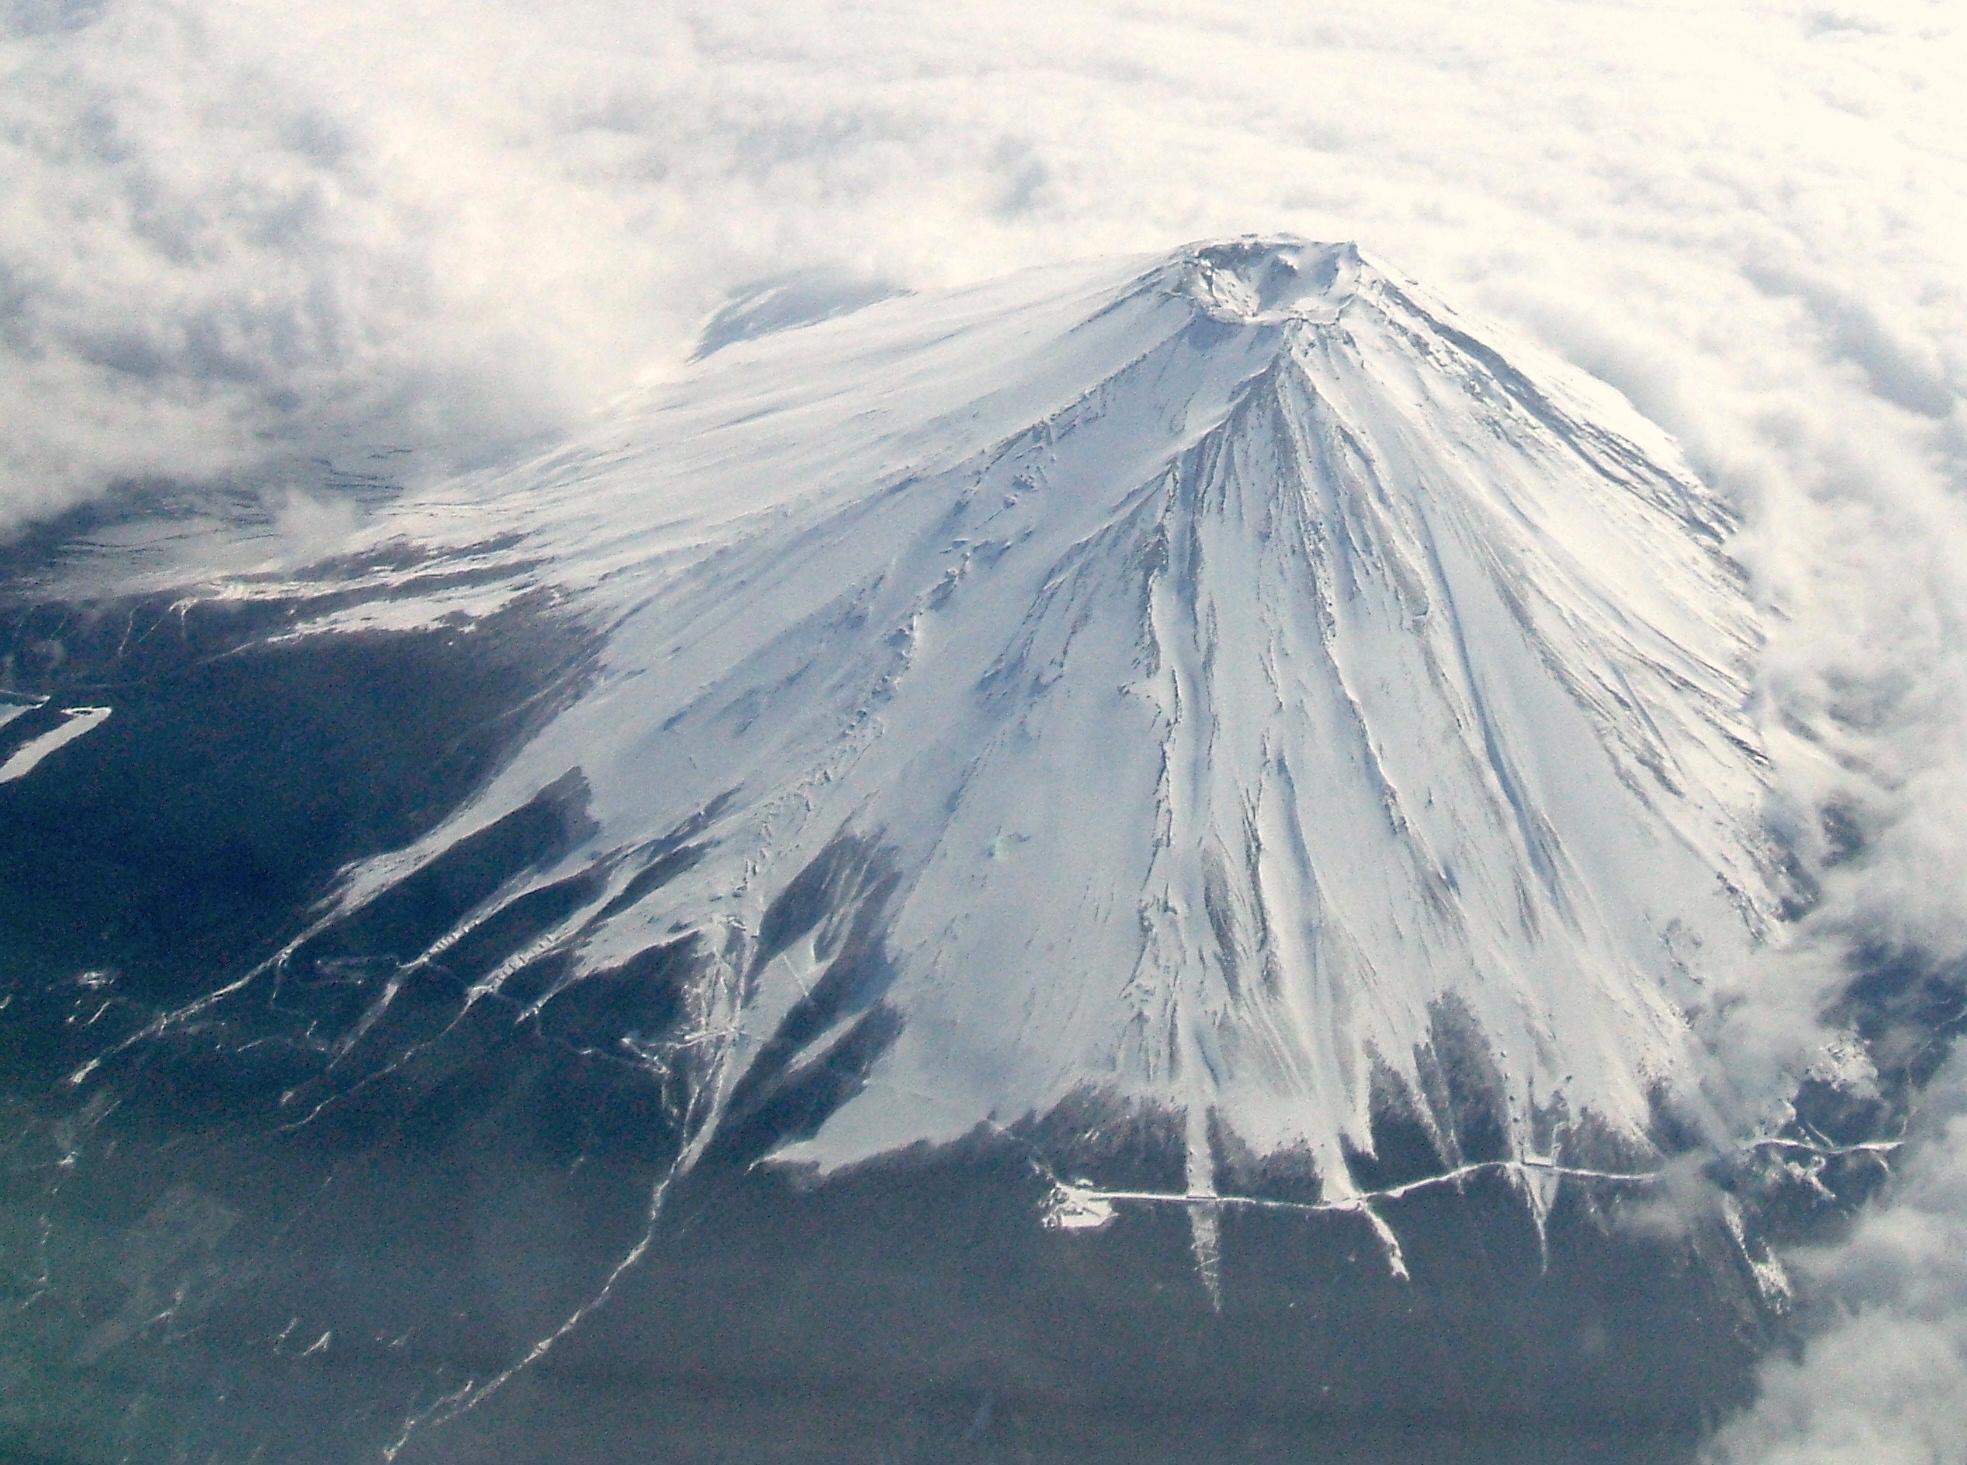 File:Mt,Fuji 2007 Winter 28000Ft.JPG